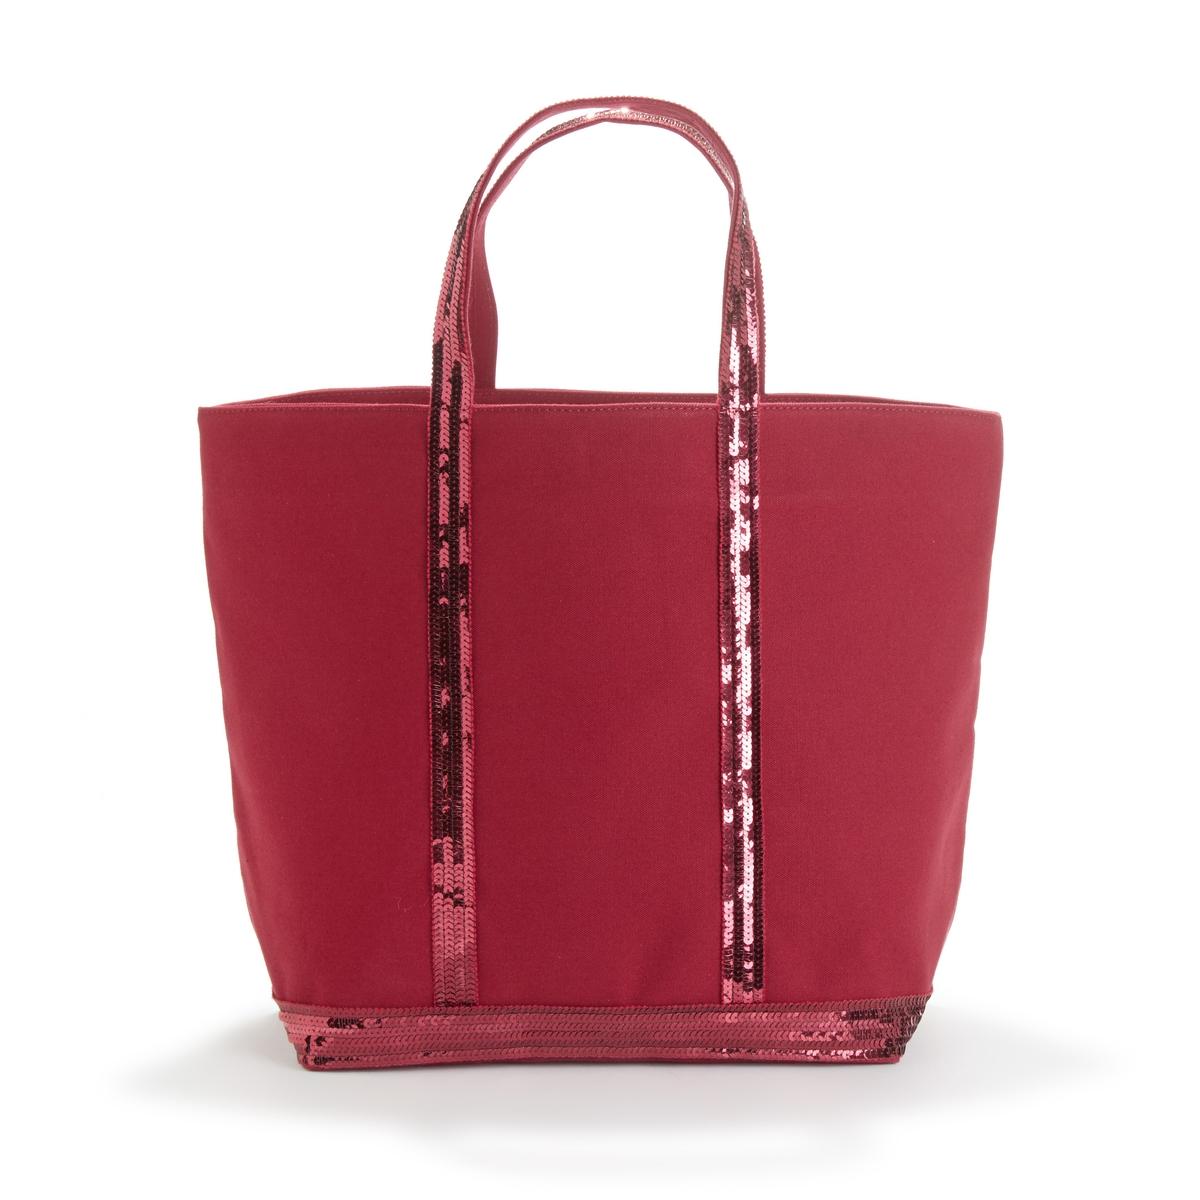 Сумка-шоппер La Redoute Среднего размера из ткани с блестками единый размер красный